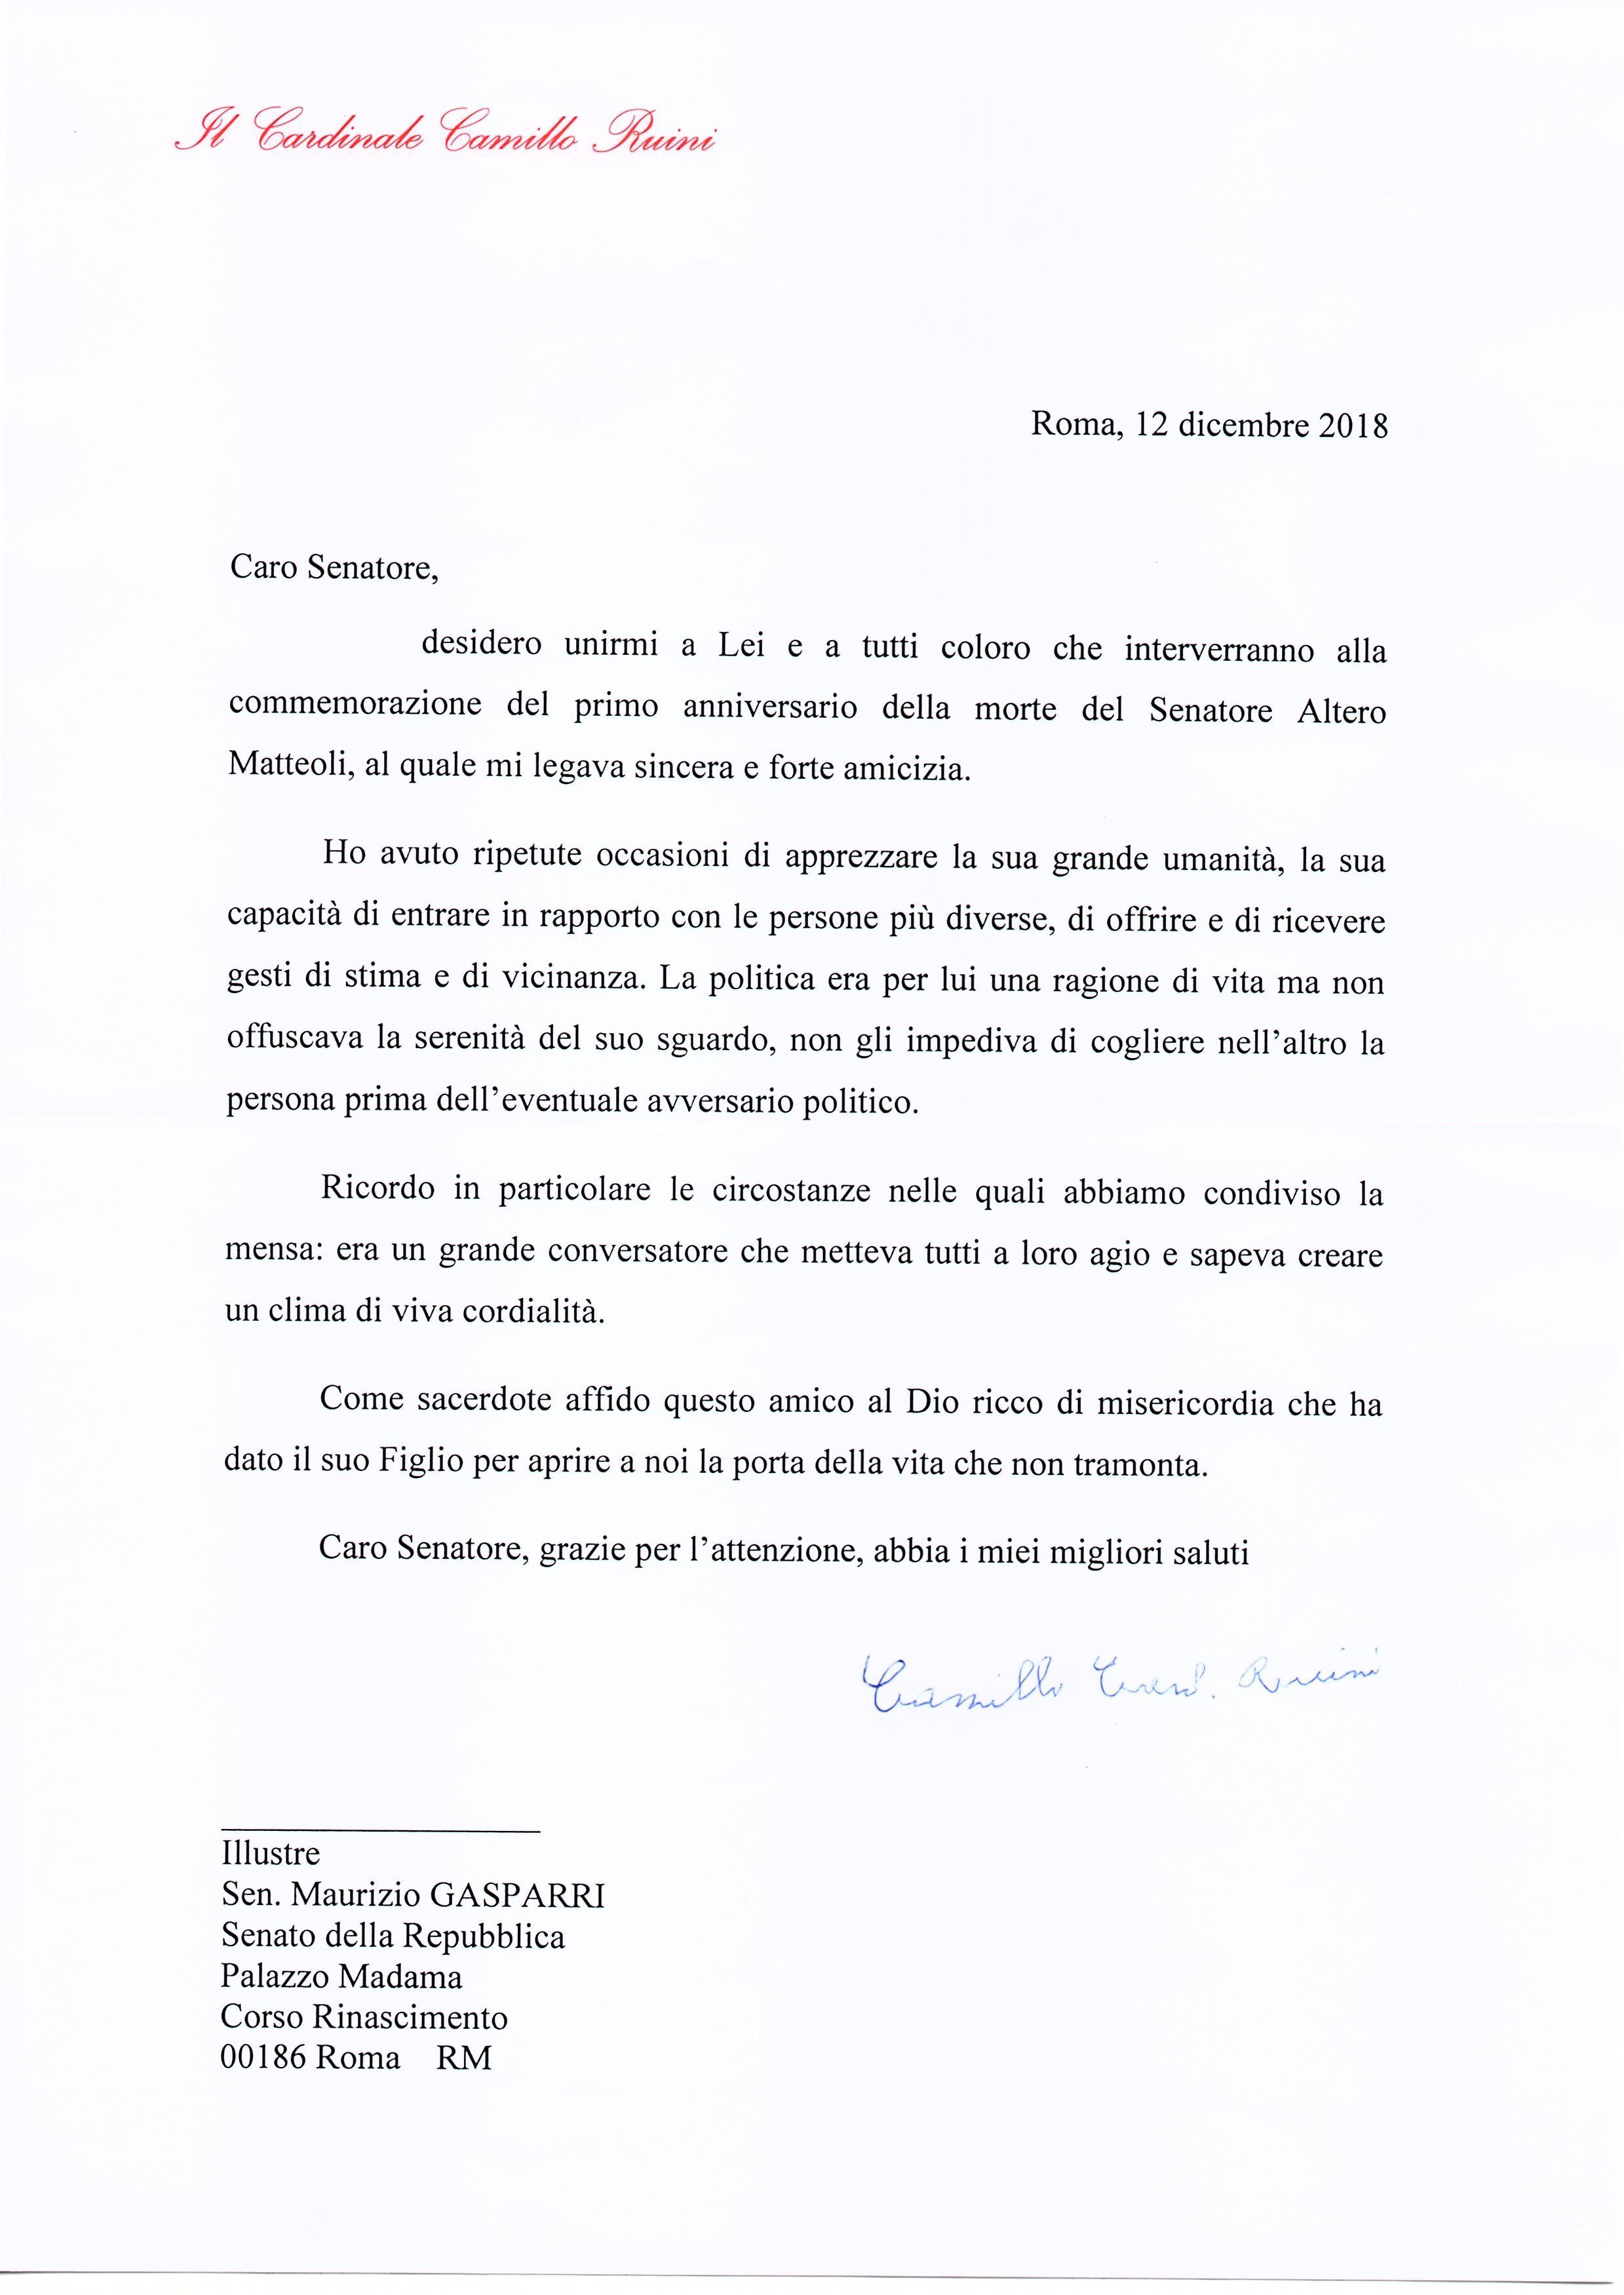 La Lettera Del Se Card Camillo Ruini Per Ricordare Lamicizia Col